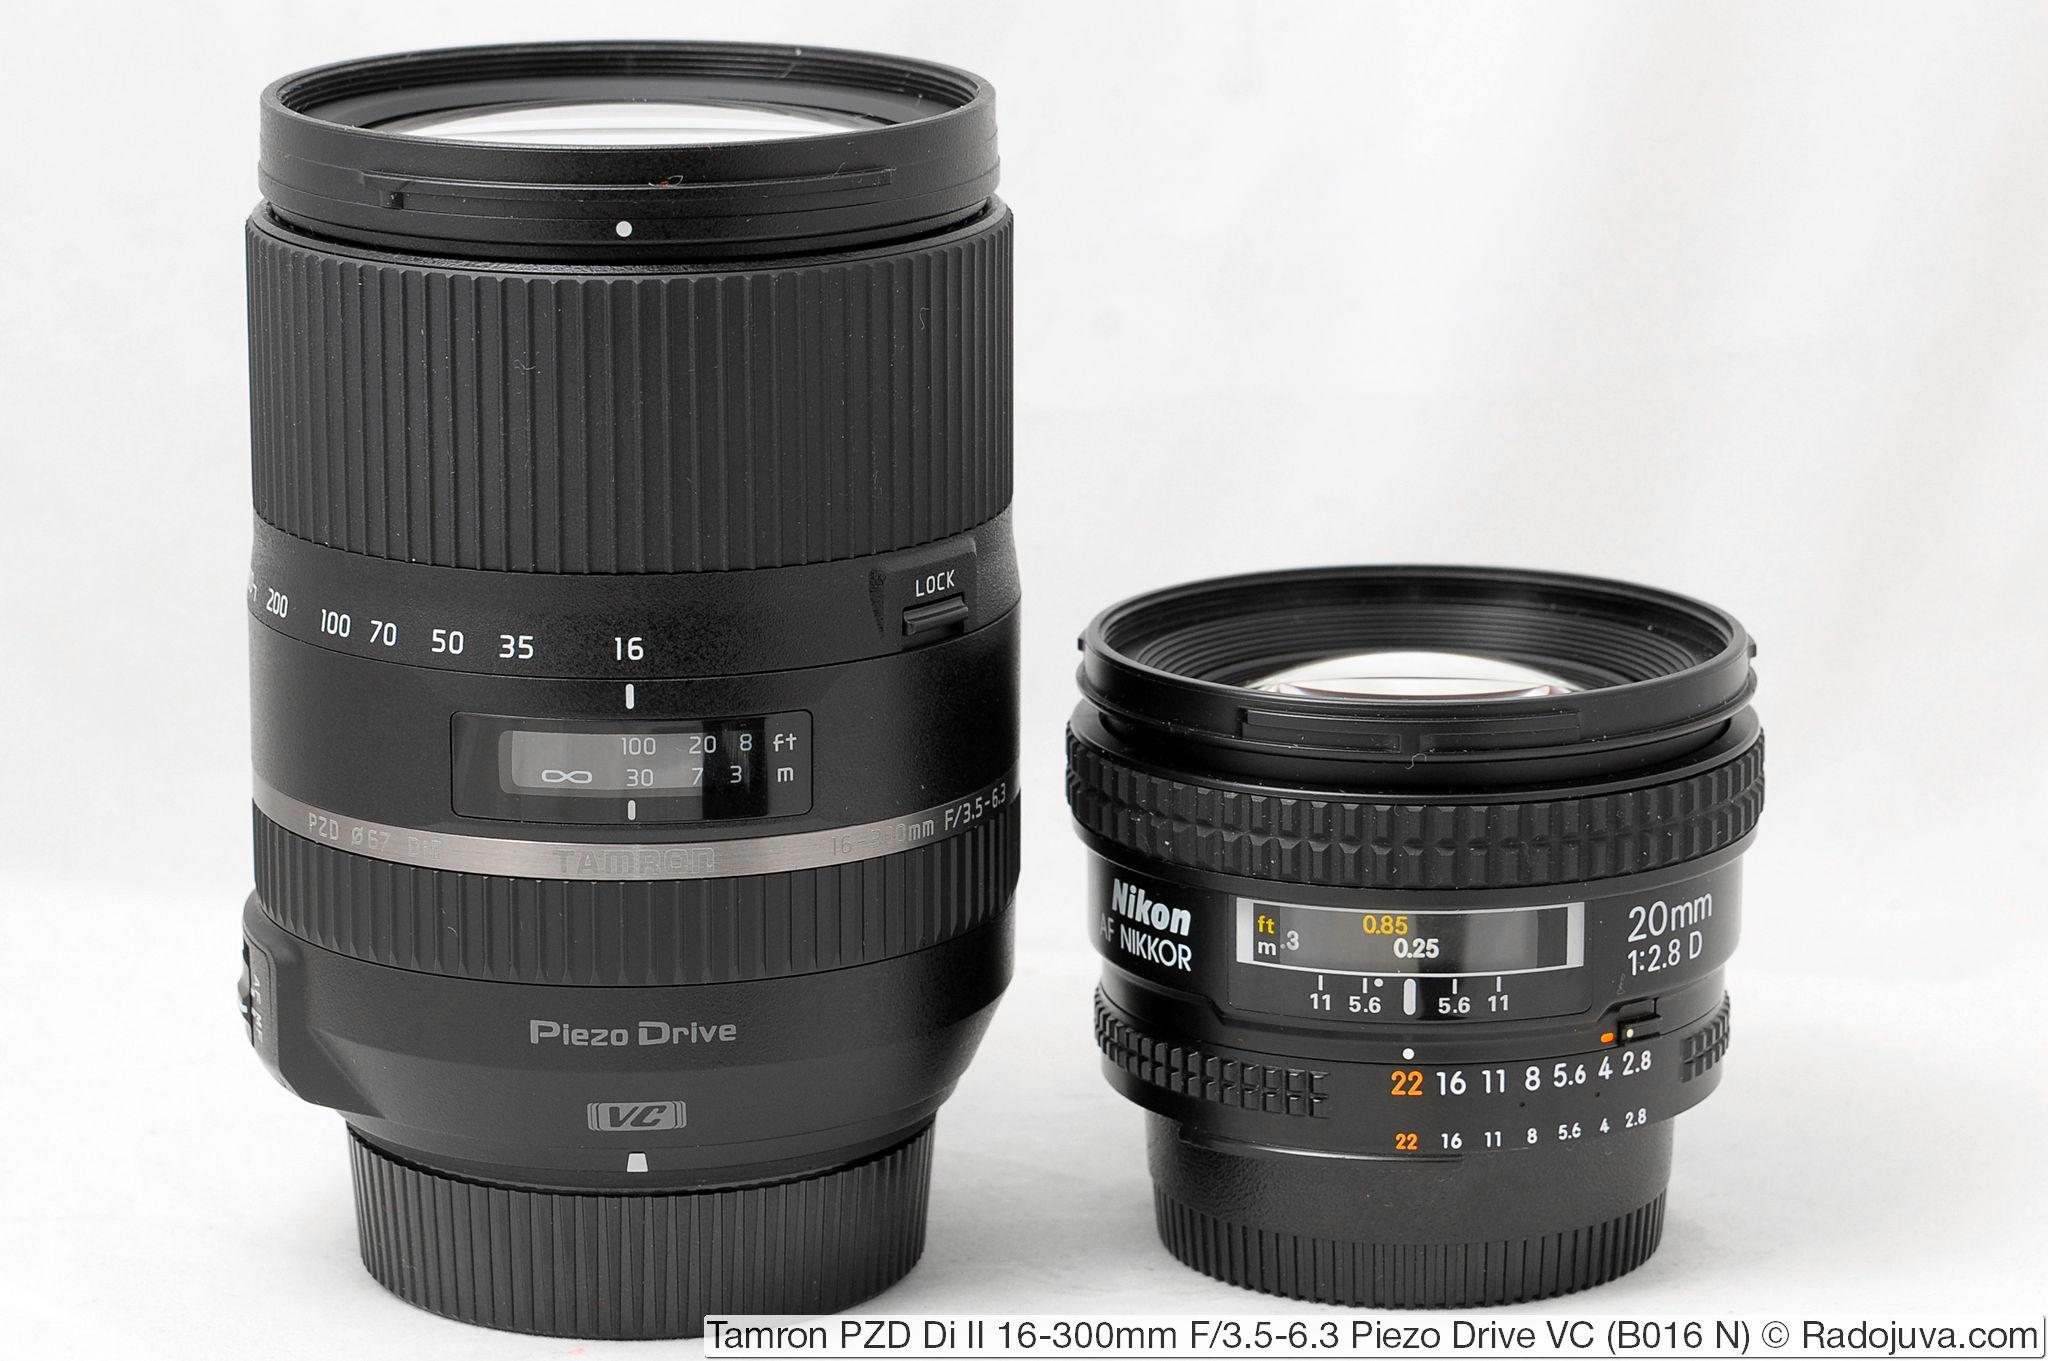 Tamron 16-300mm F/3.5-6.3 Di II PZD VC Model B016 и Nikon AF Nikkor 20mm 1:2.8D